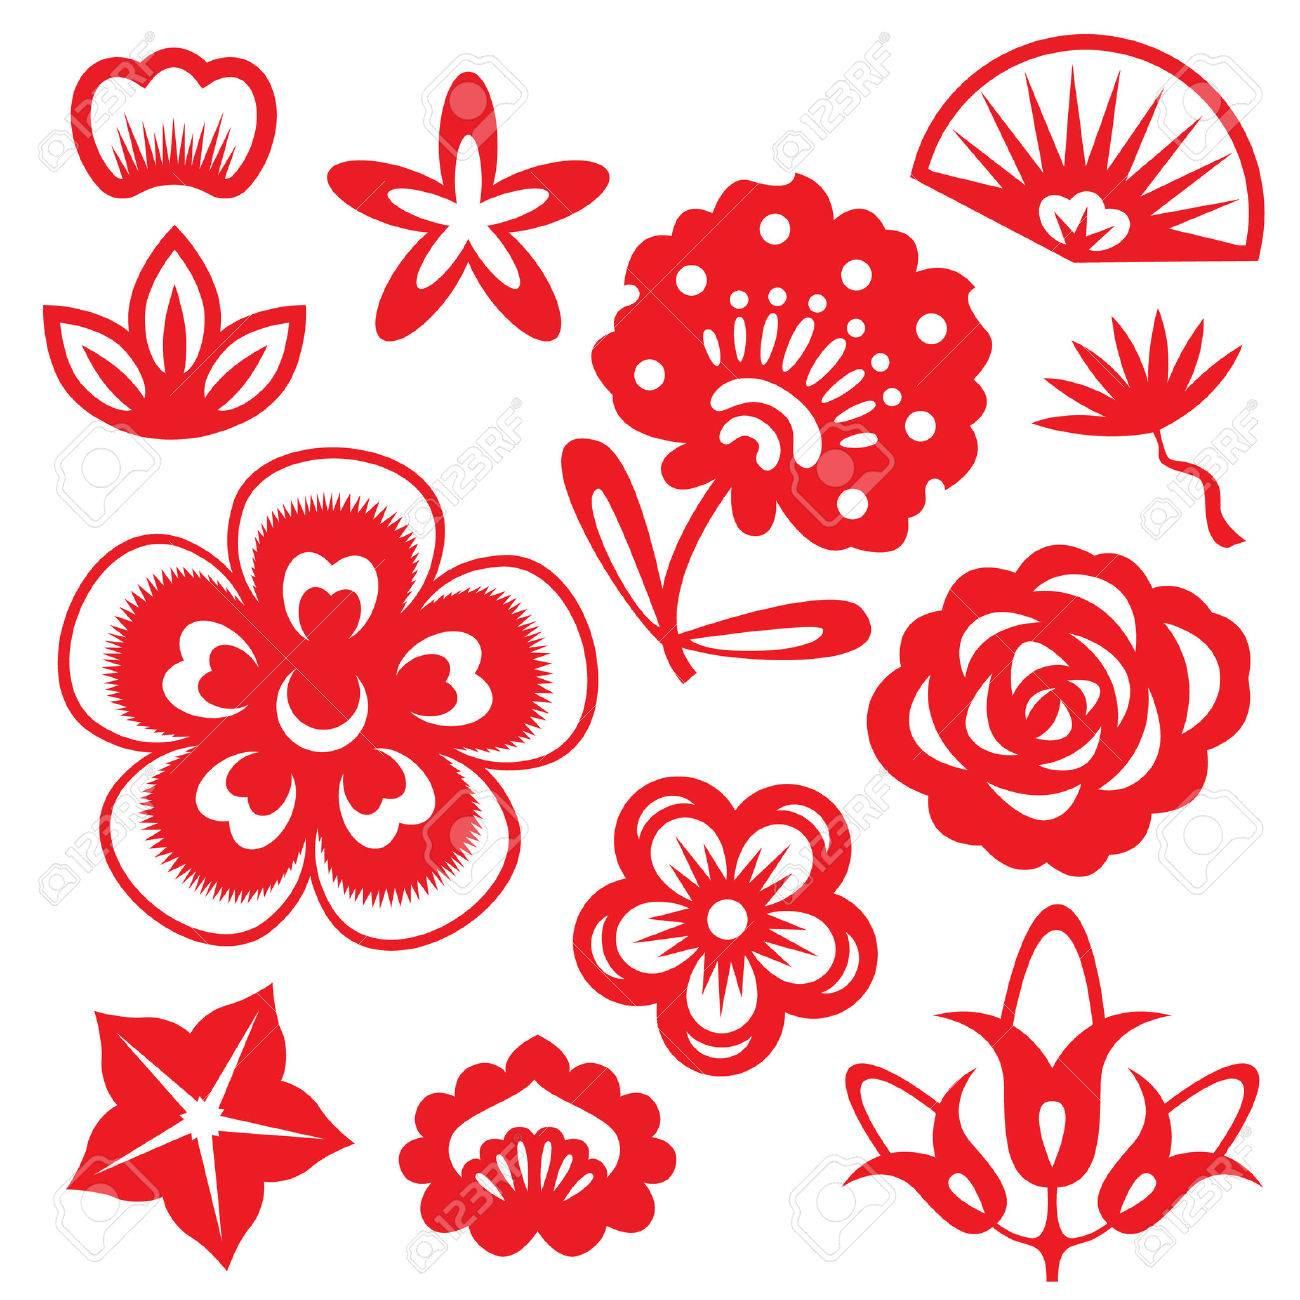 Red Fleurs En Papier Découpé Vecteur Chine Scénographie à Fleurs À Découper